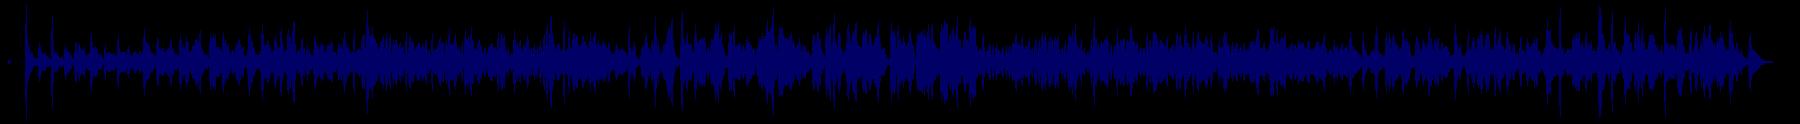 waveform of track #70011